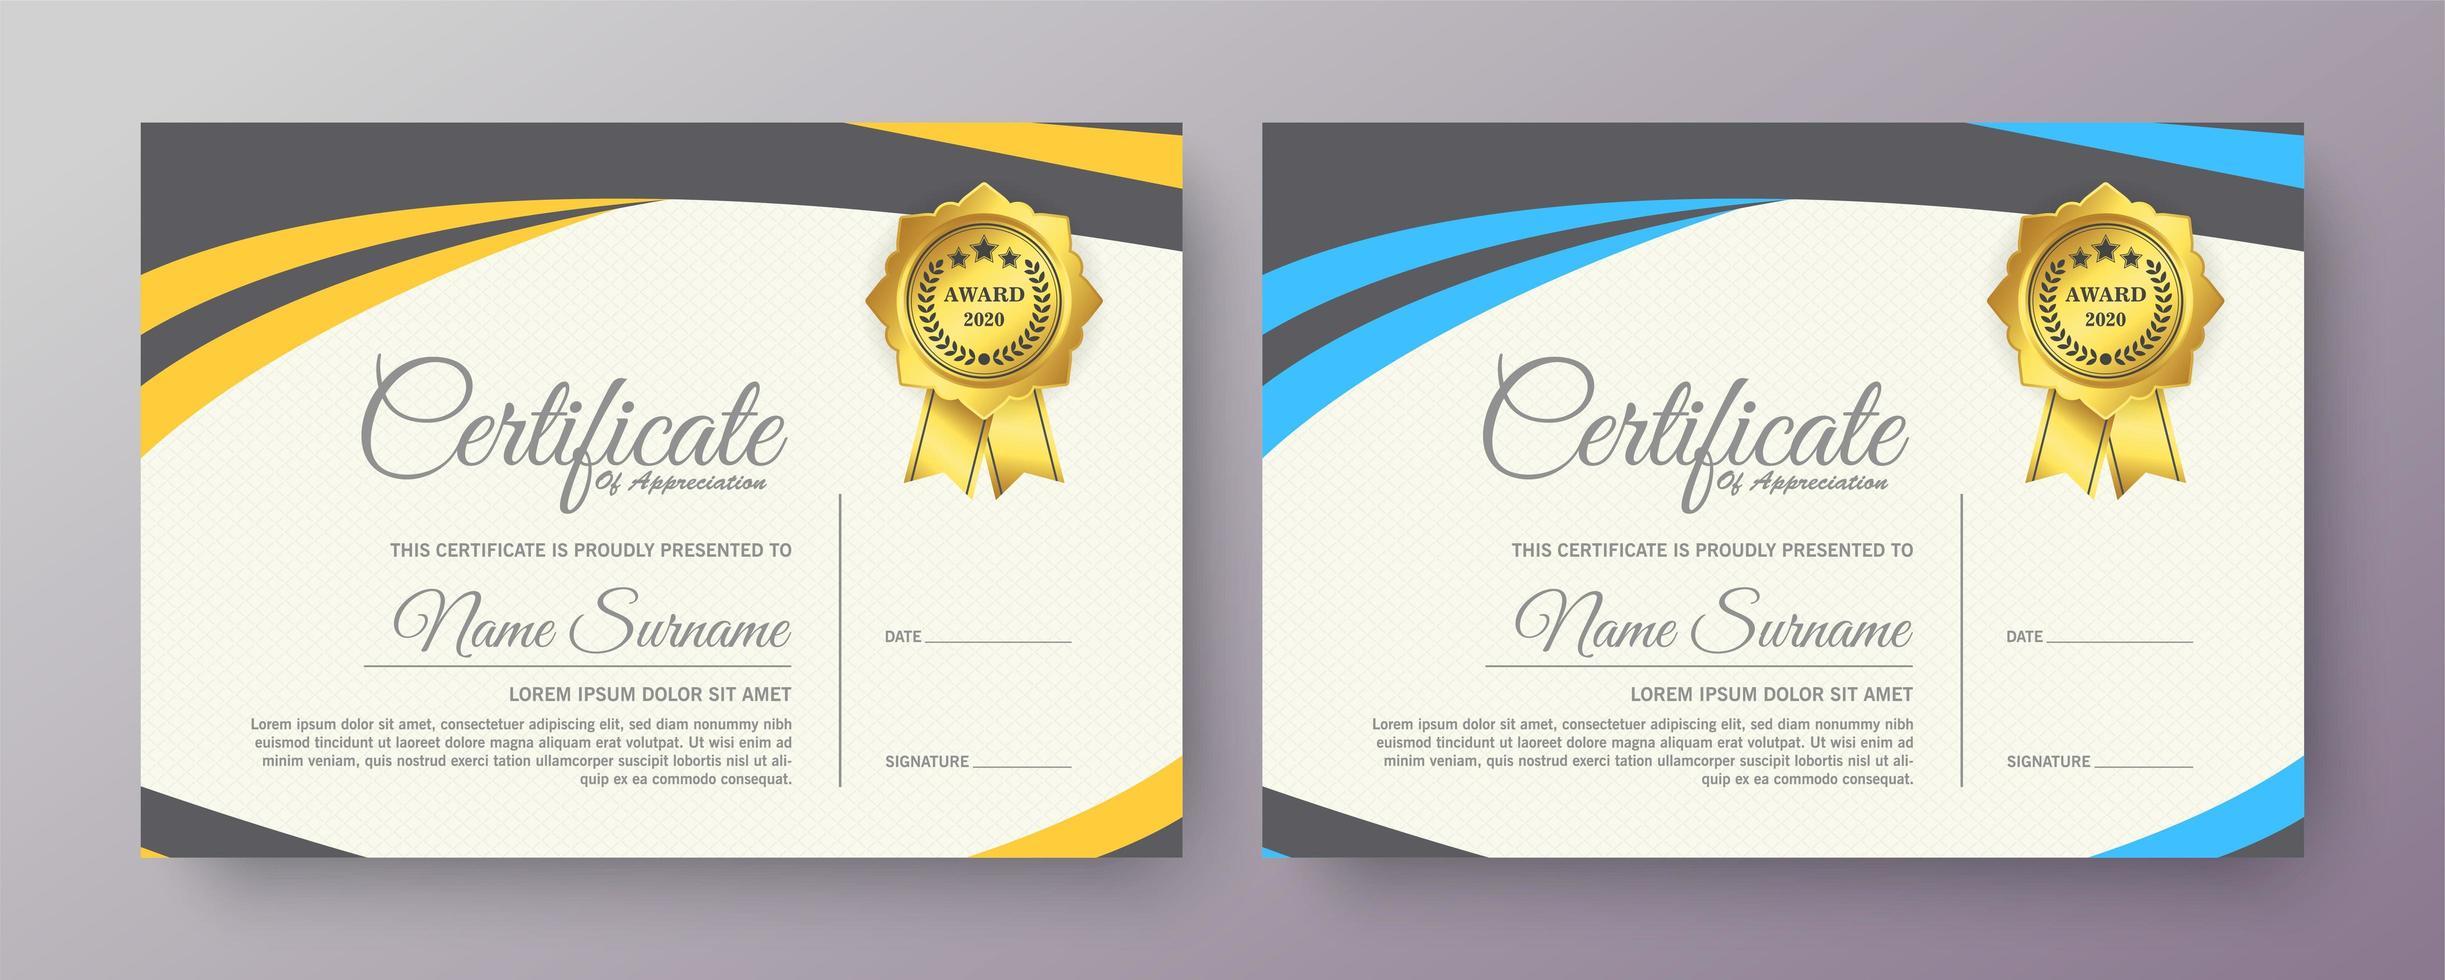 modelli di certificato con colori giallo e blu vettore